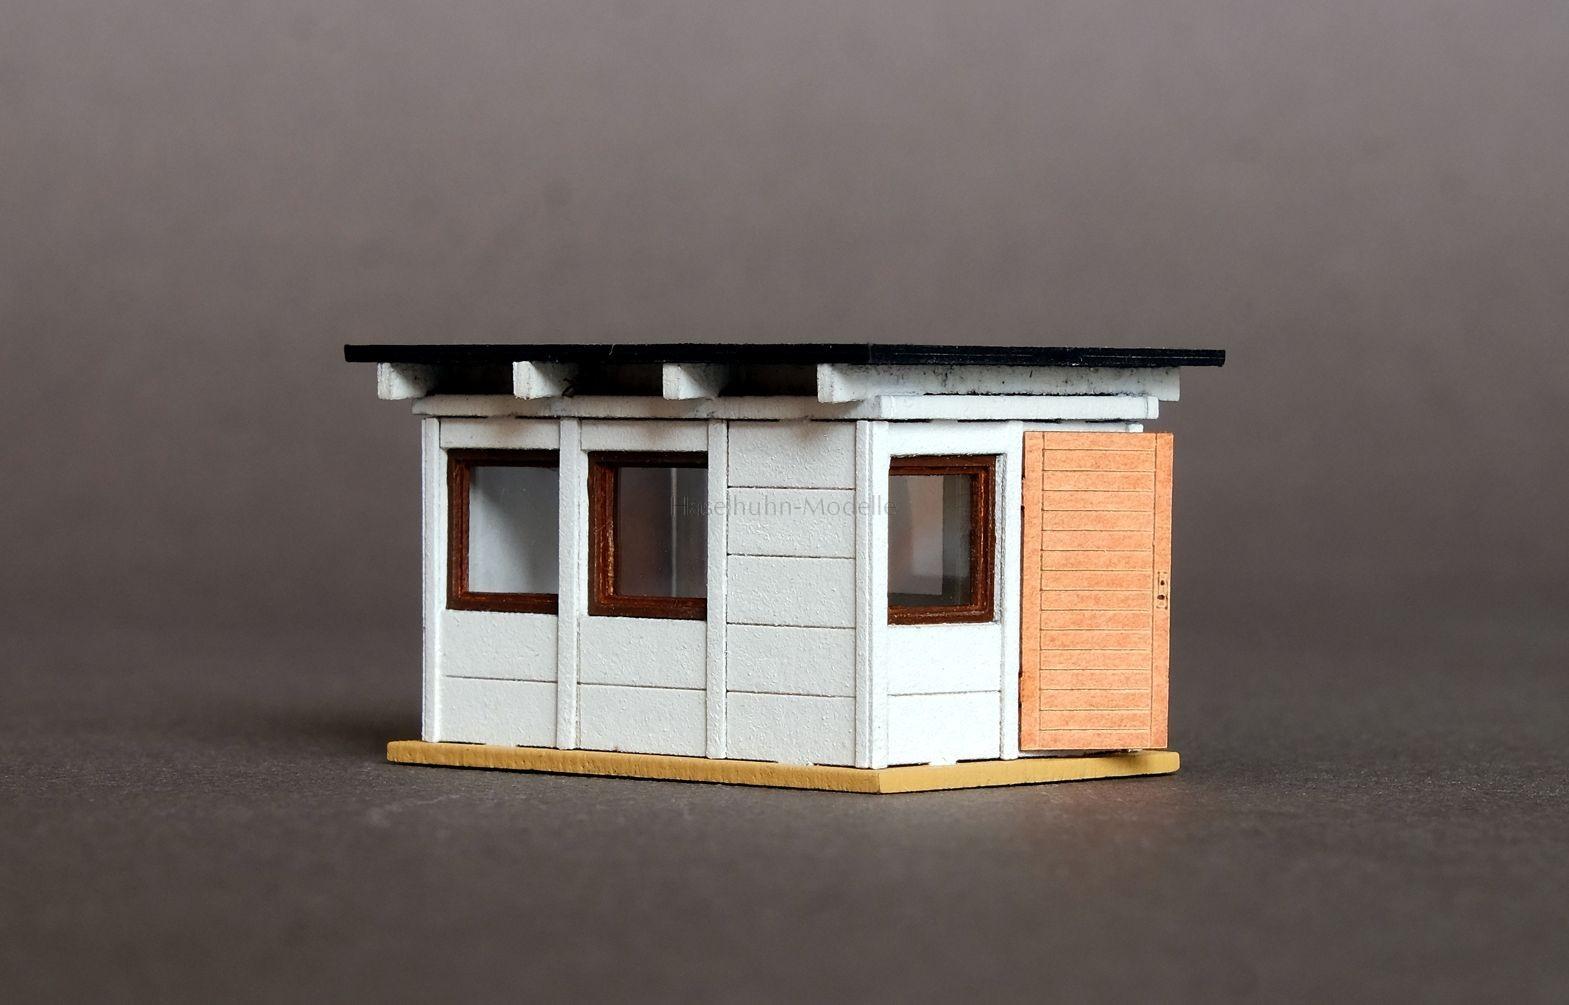 Bausatz für eine Rangierer-Bude bzw. Gartenlaube im Fertigteil-Stil 1:120 / TT